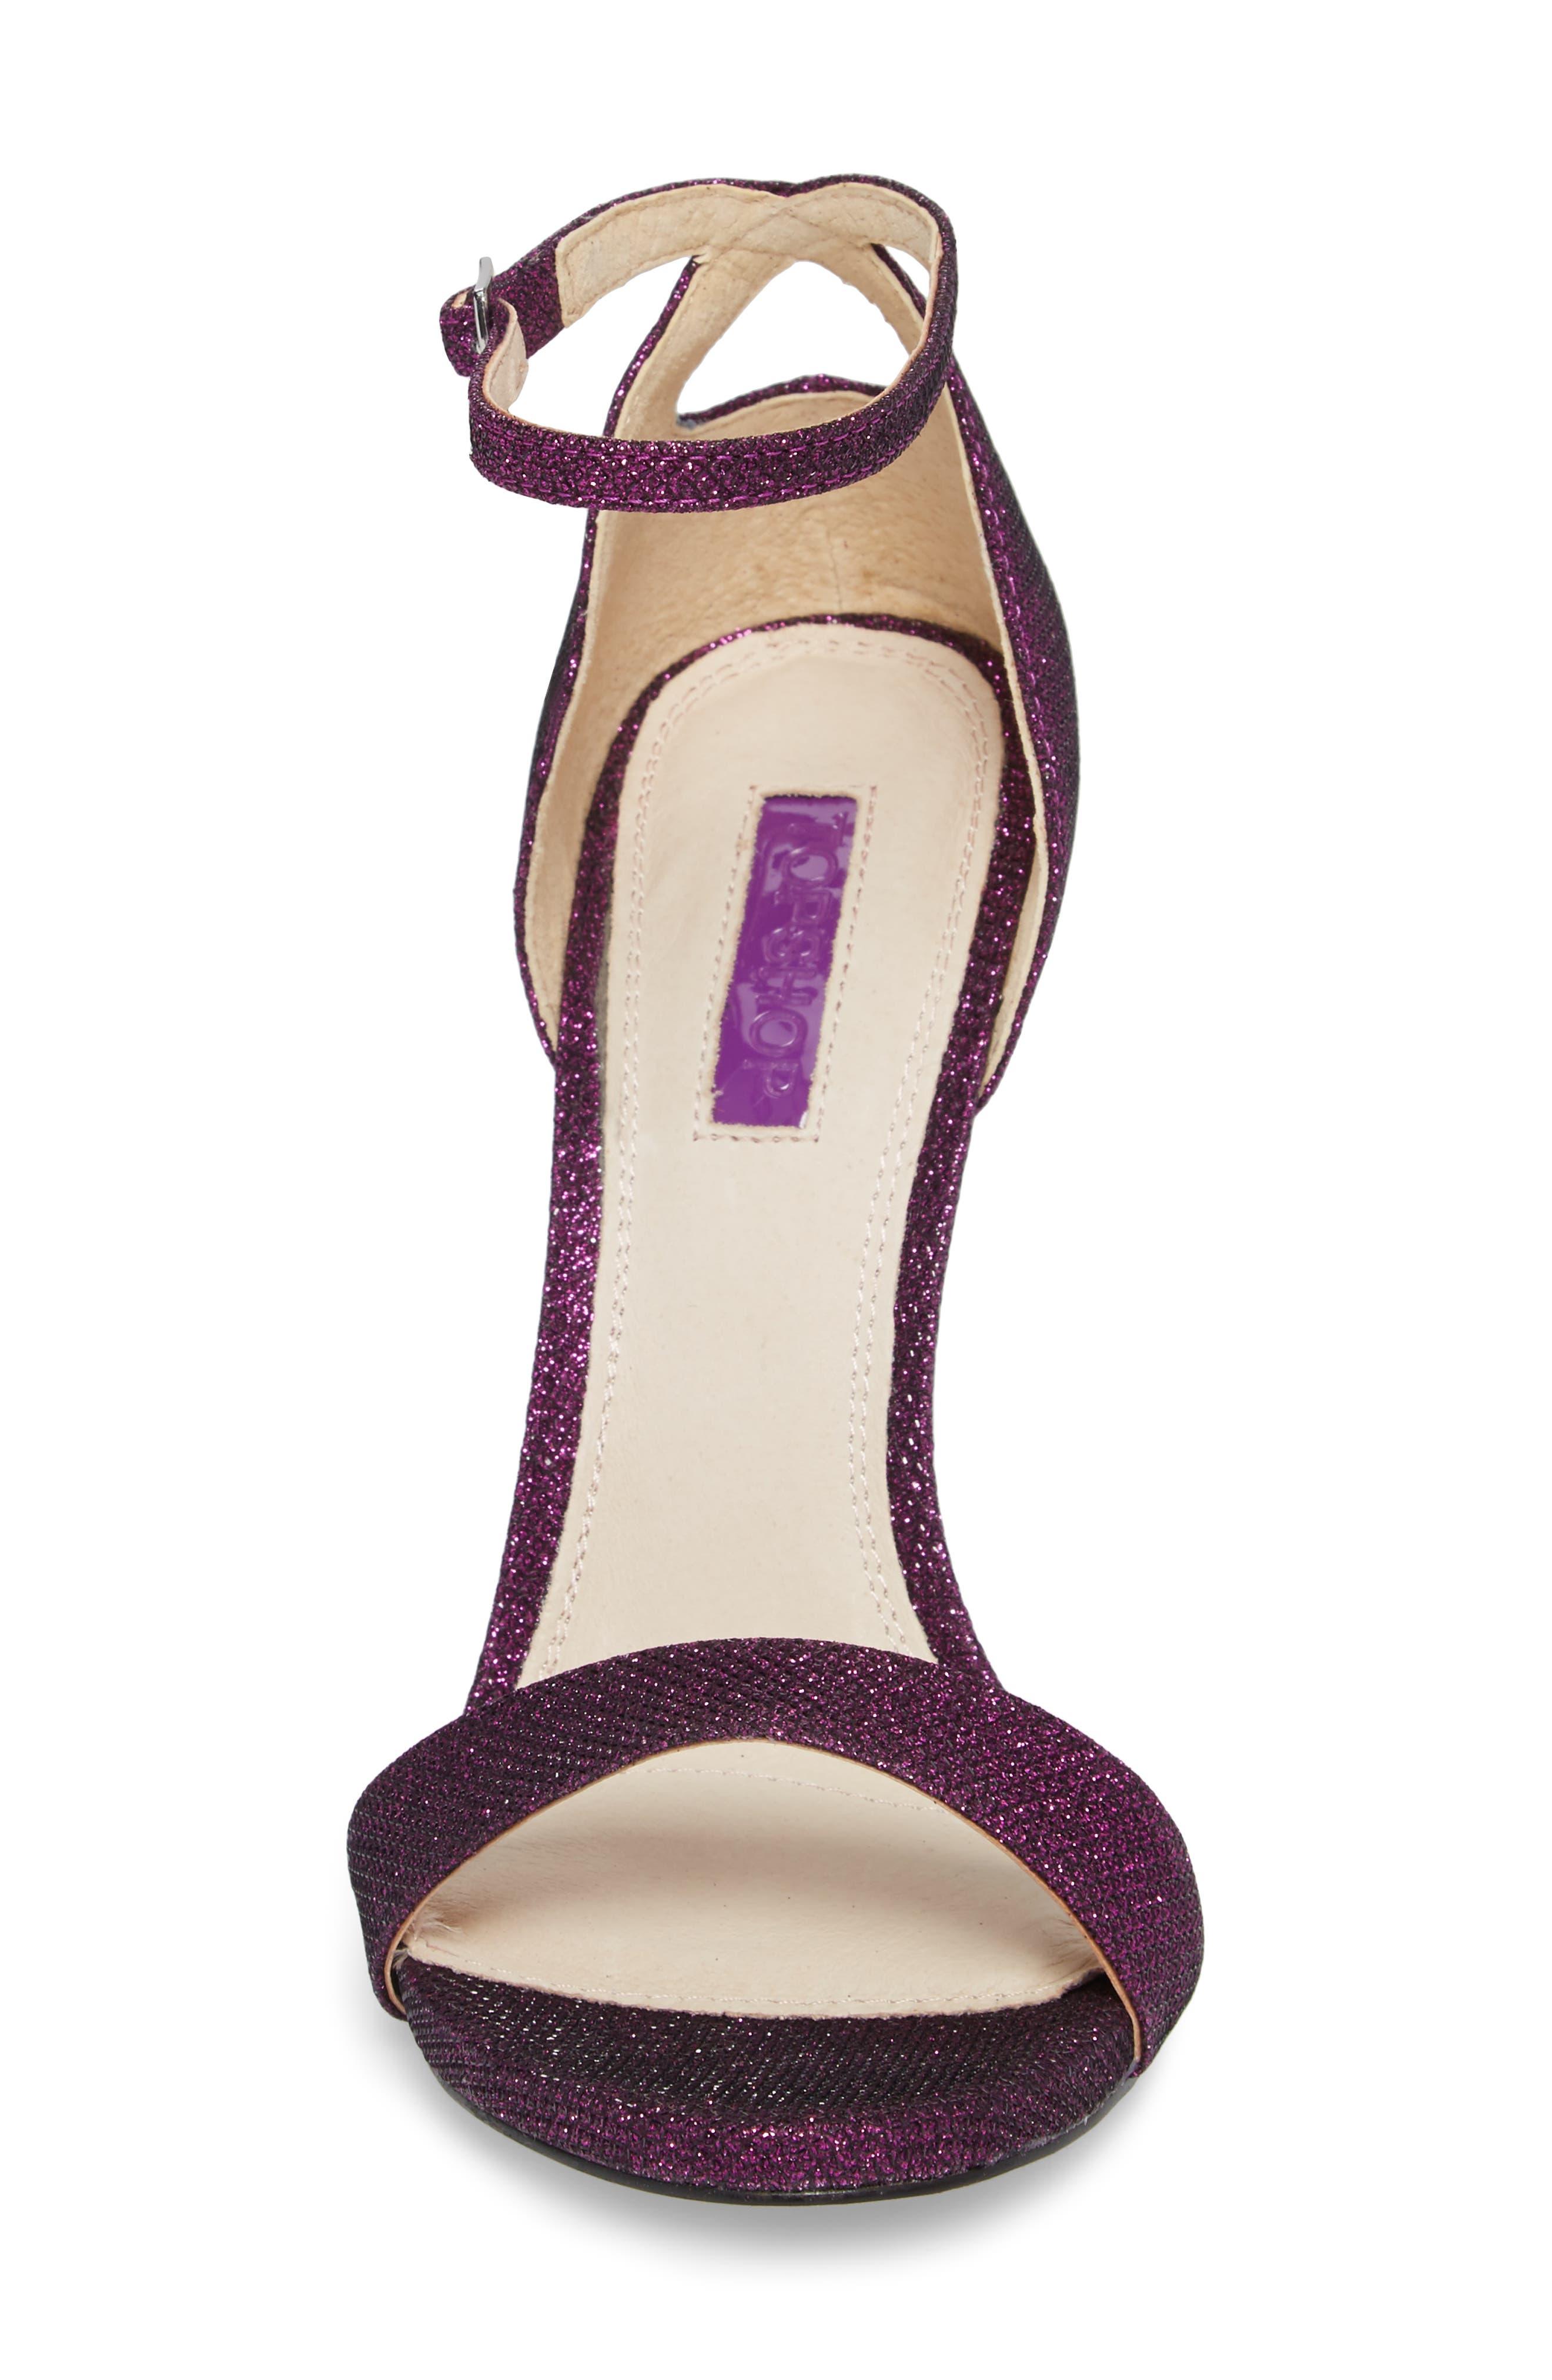 Raphie Ankle Strap Sandal,                             Alternate thumbnail 4, color,                             PURPLE